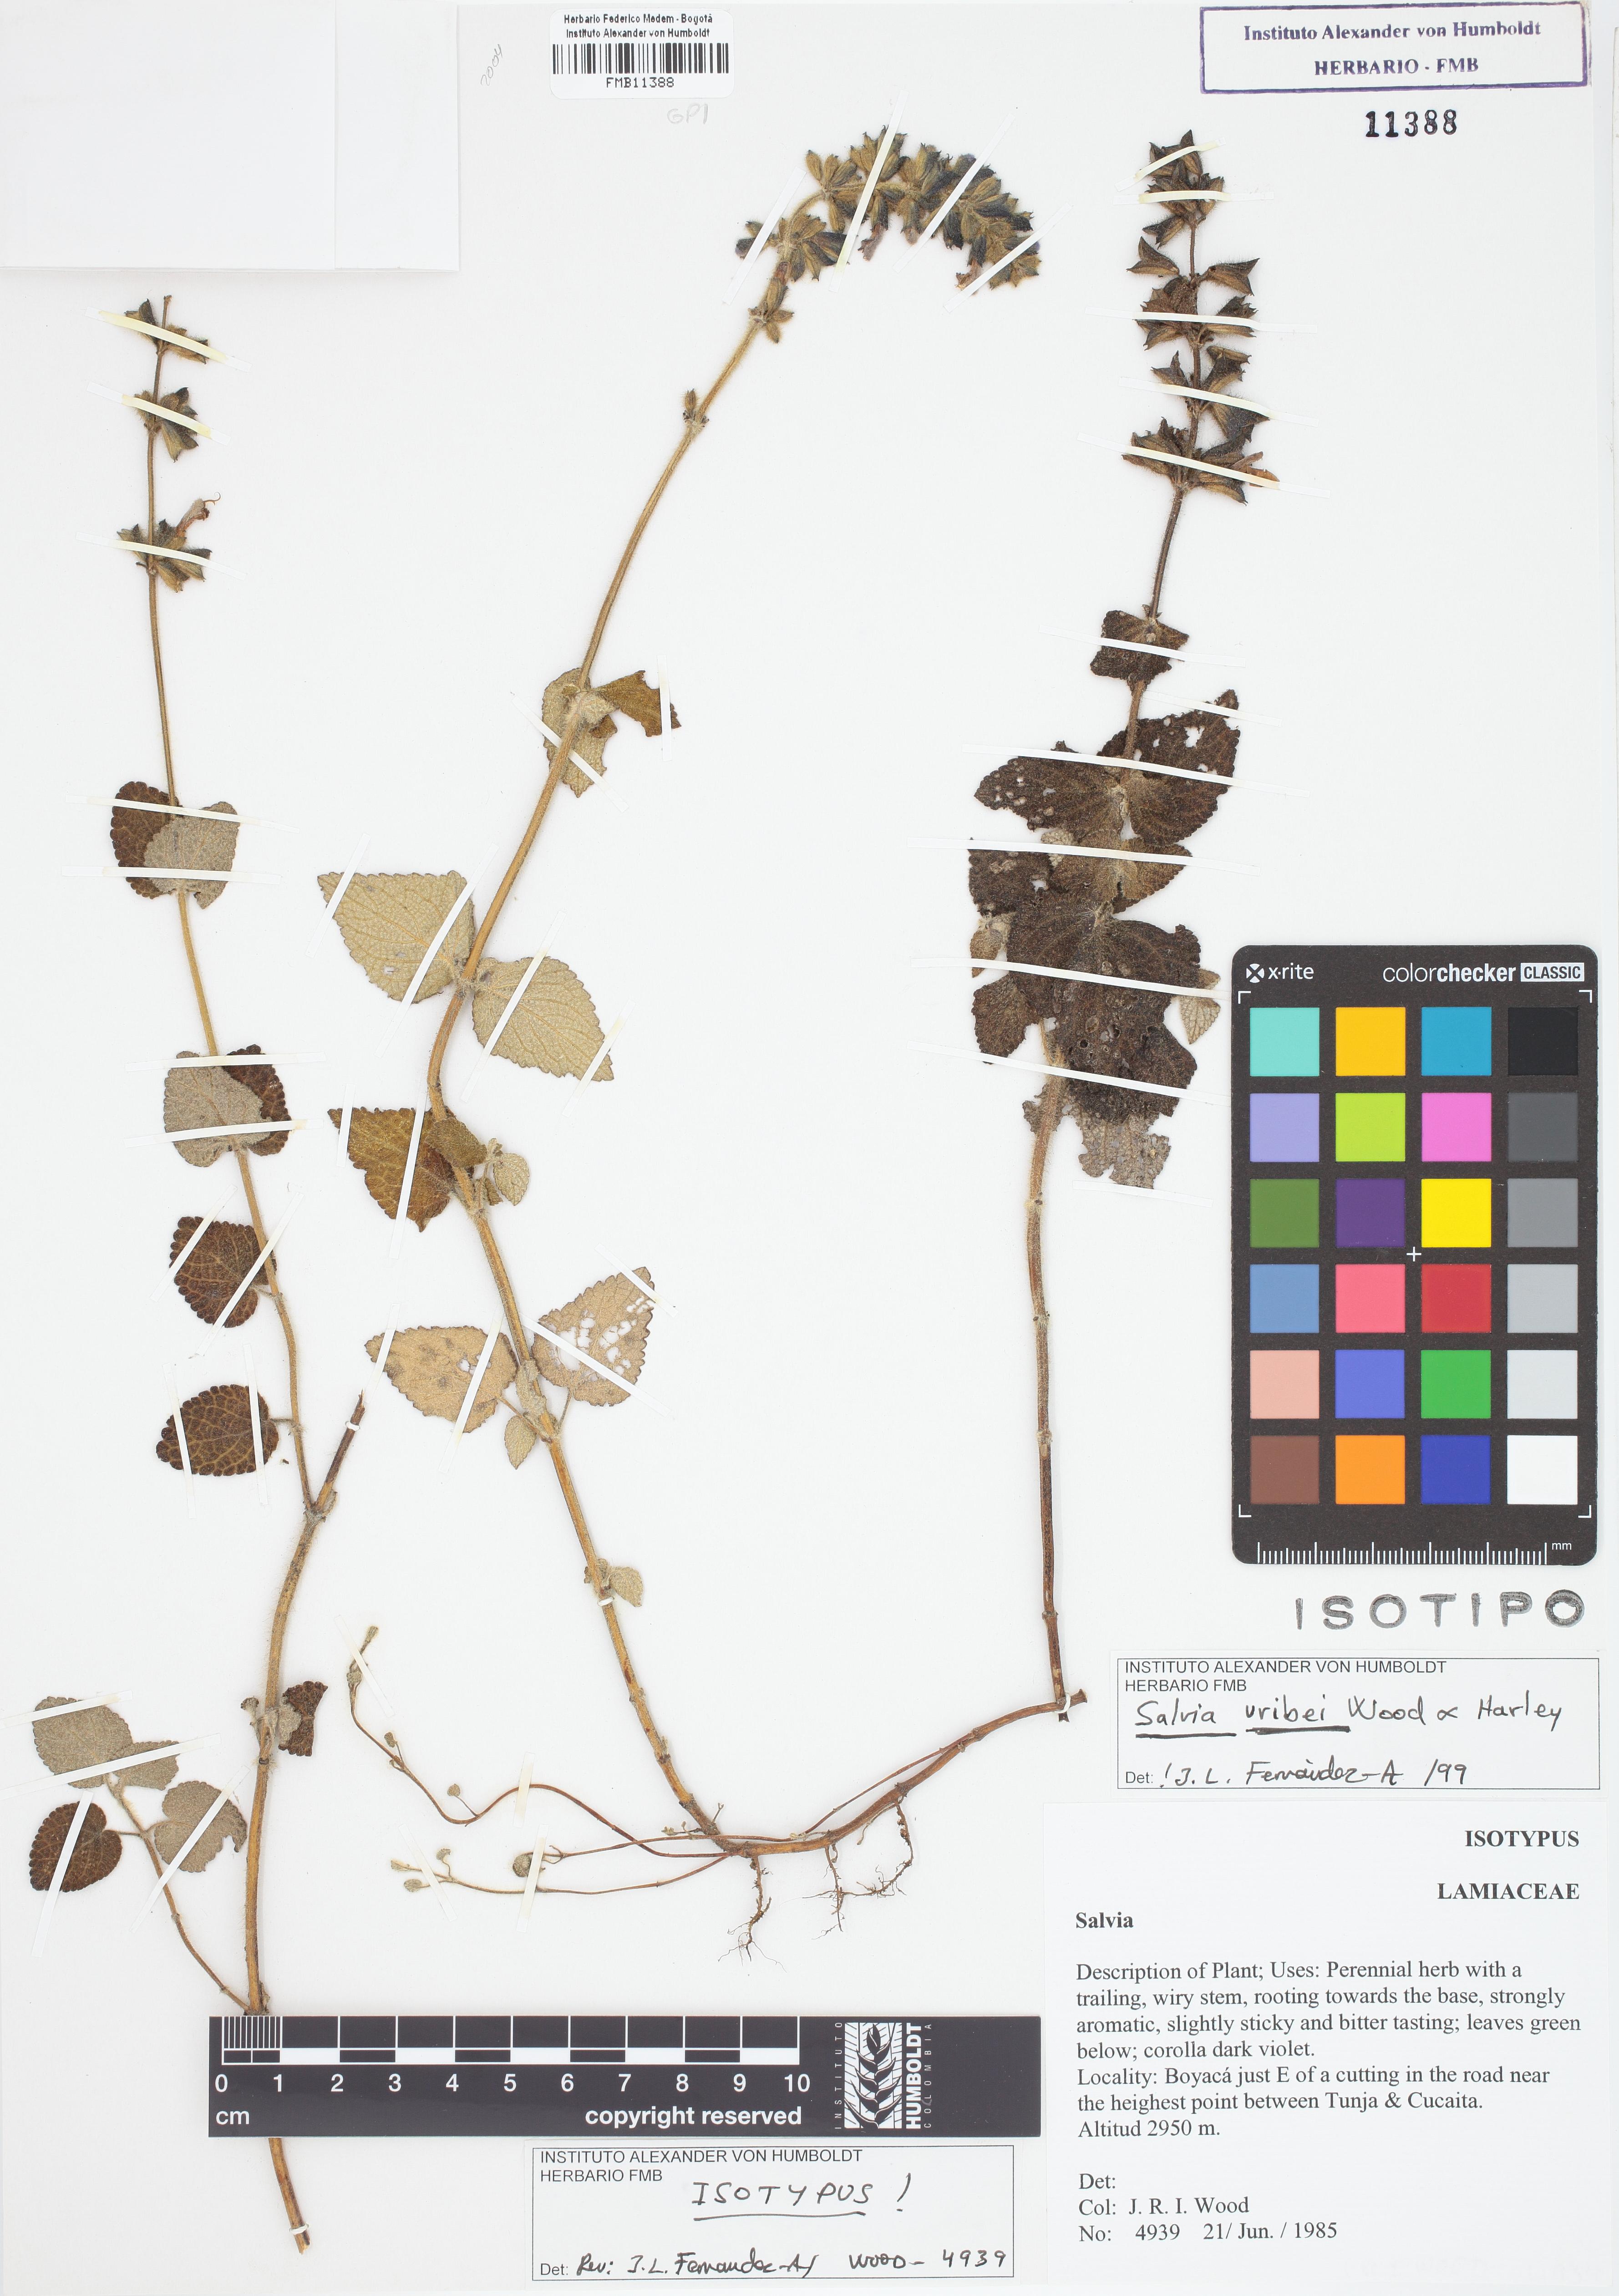 Isotipo de <em>Salvia uribei</em>, FMB-11388, Fotografía por Robles A.